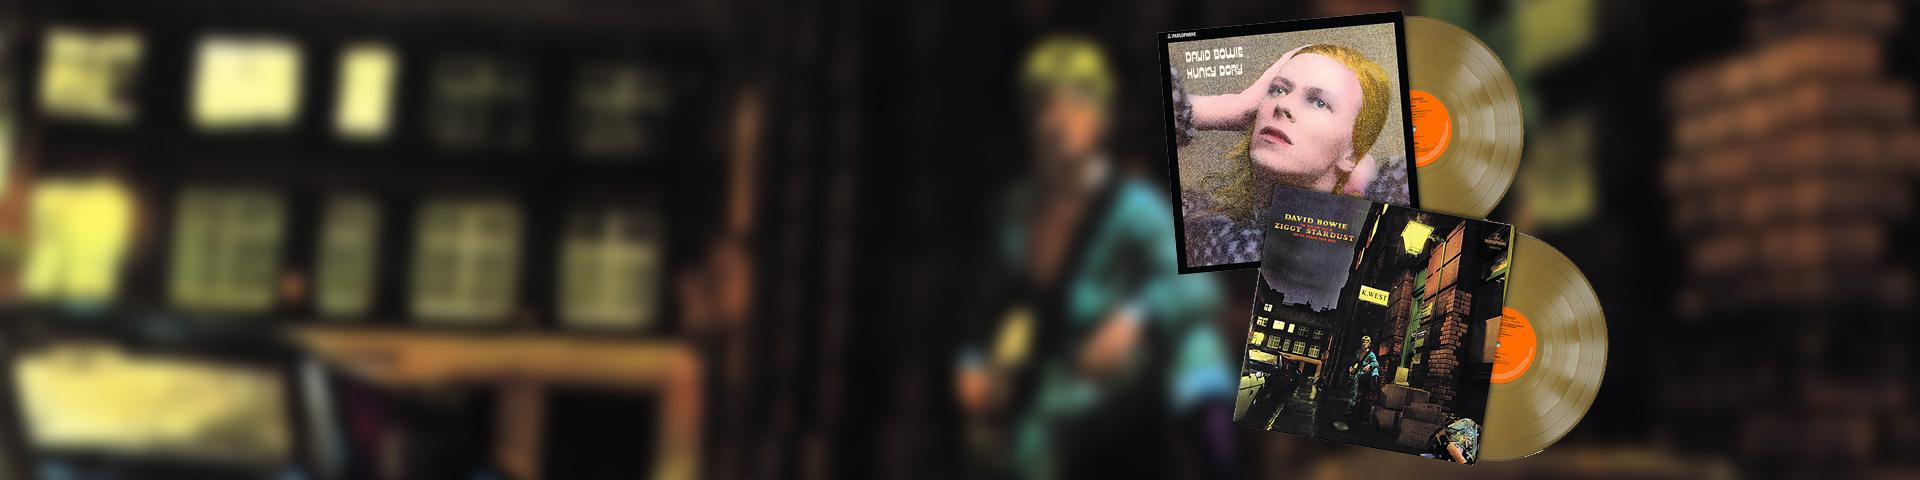 David Bowie på guld vinyl